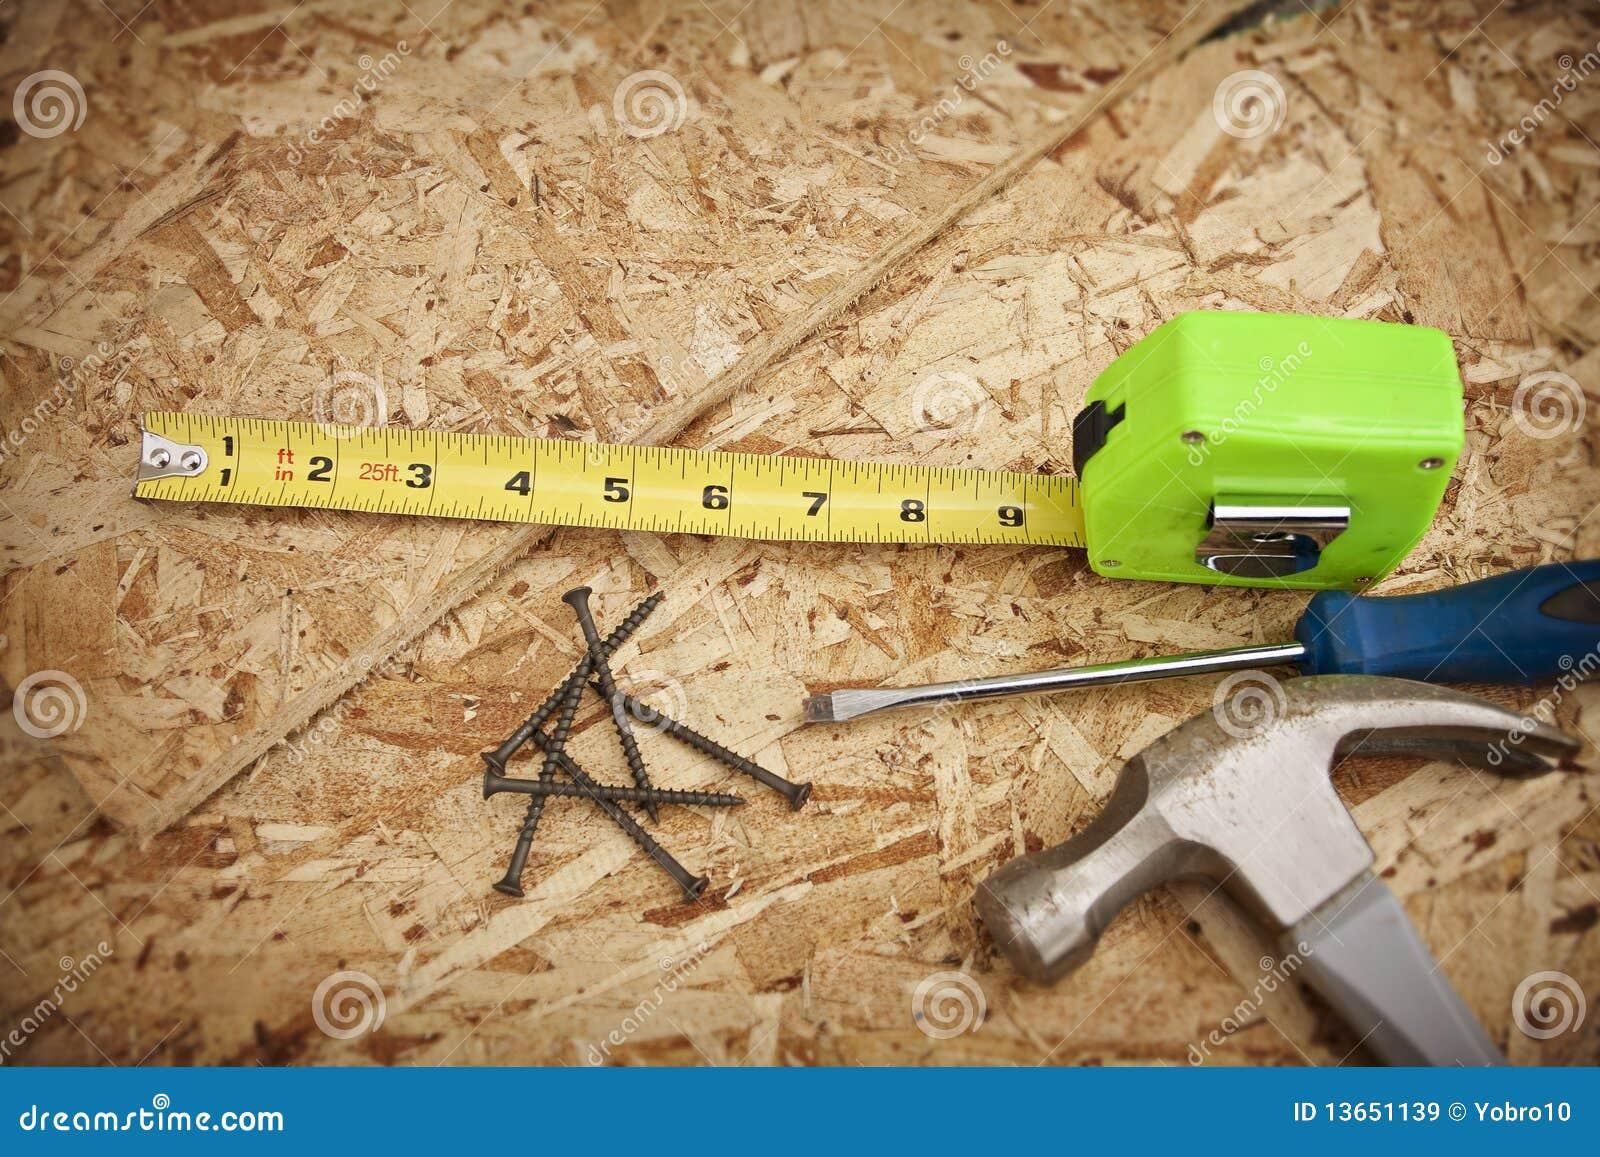 Building Tools Clip Art Free